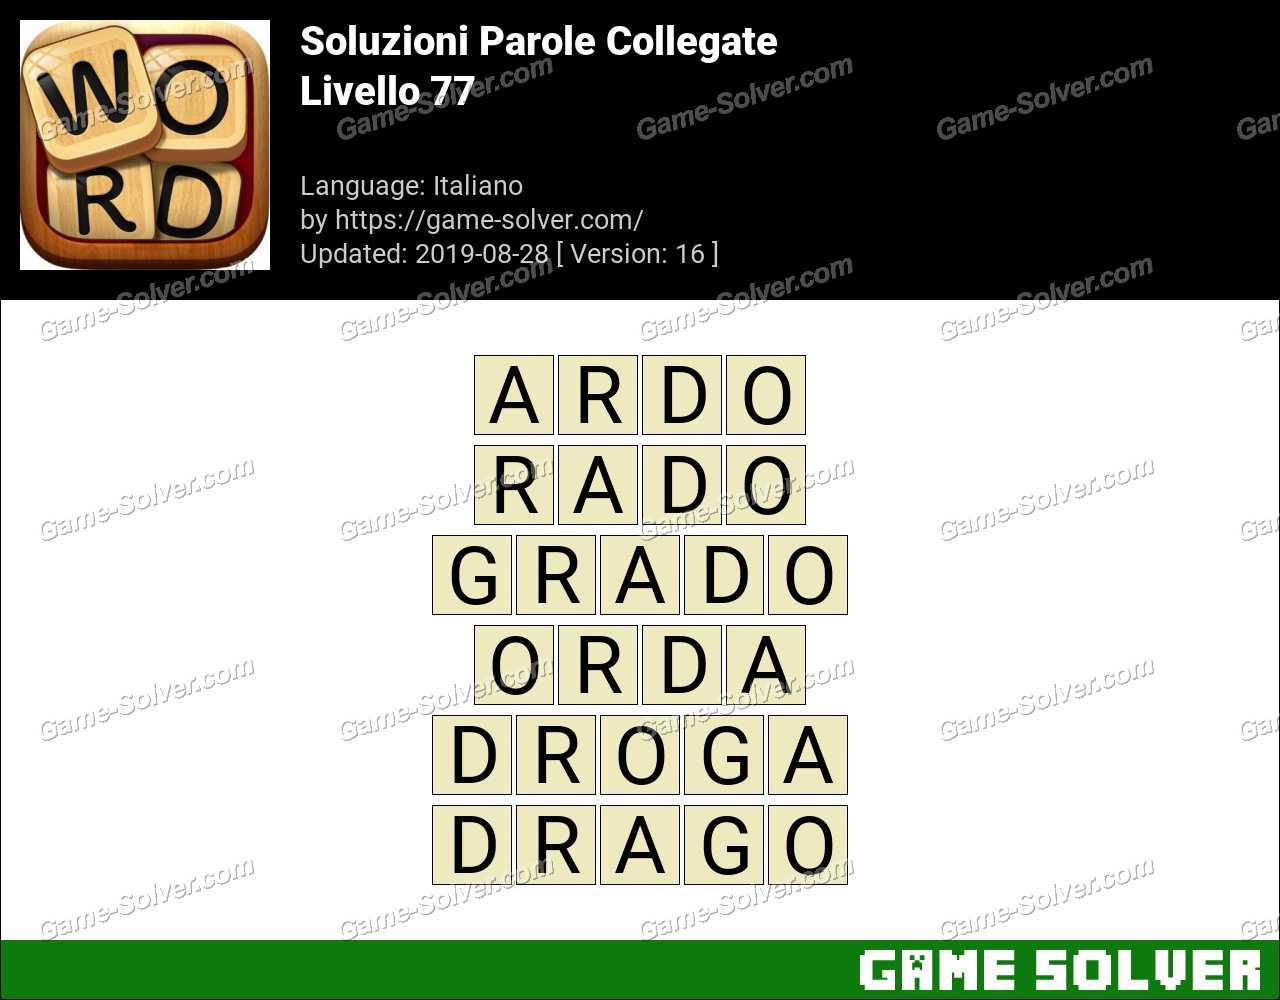 Soluzioni Parole Collegate Livello 77